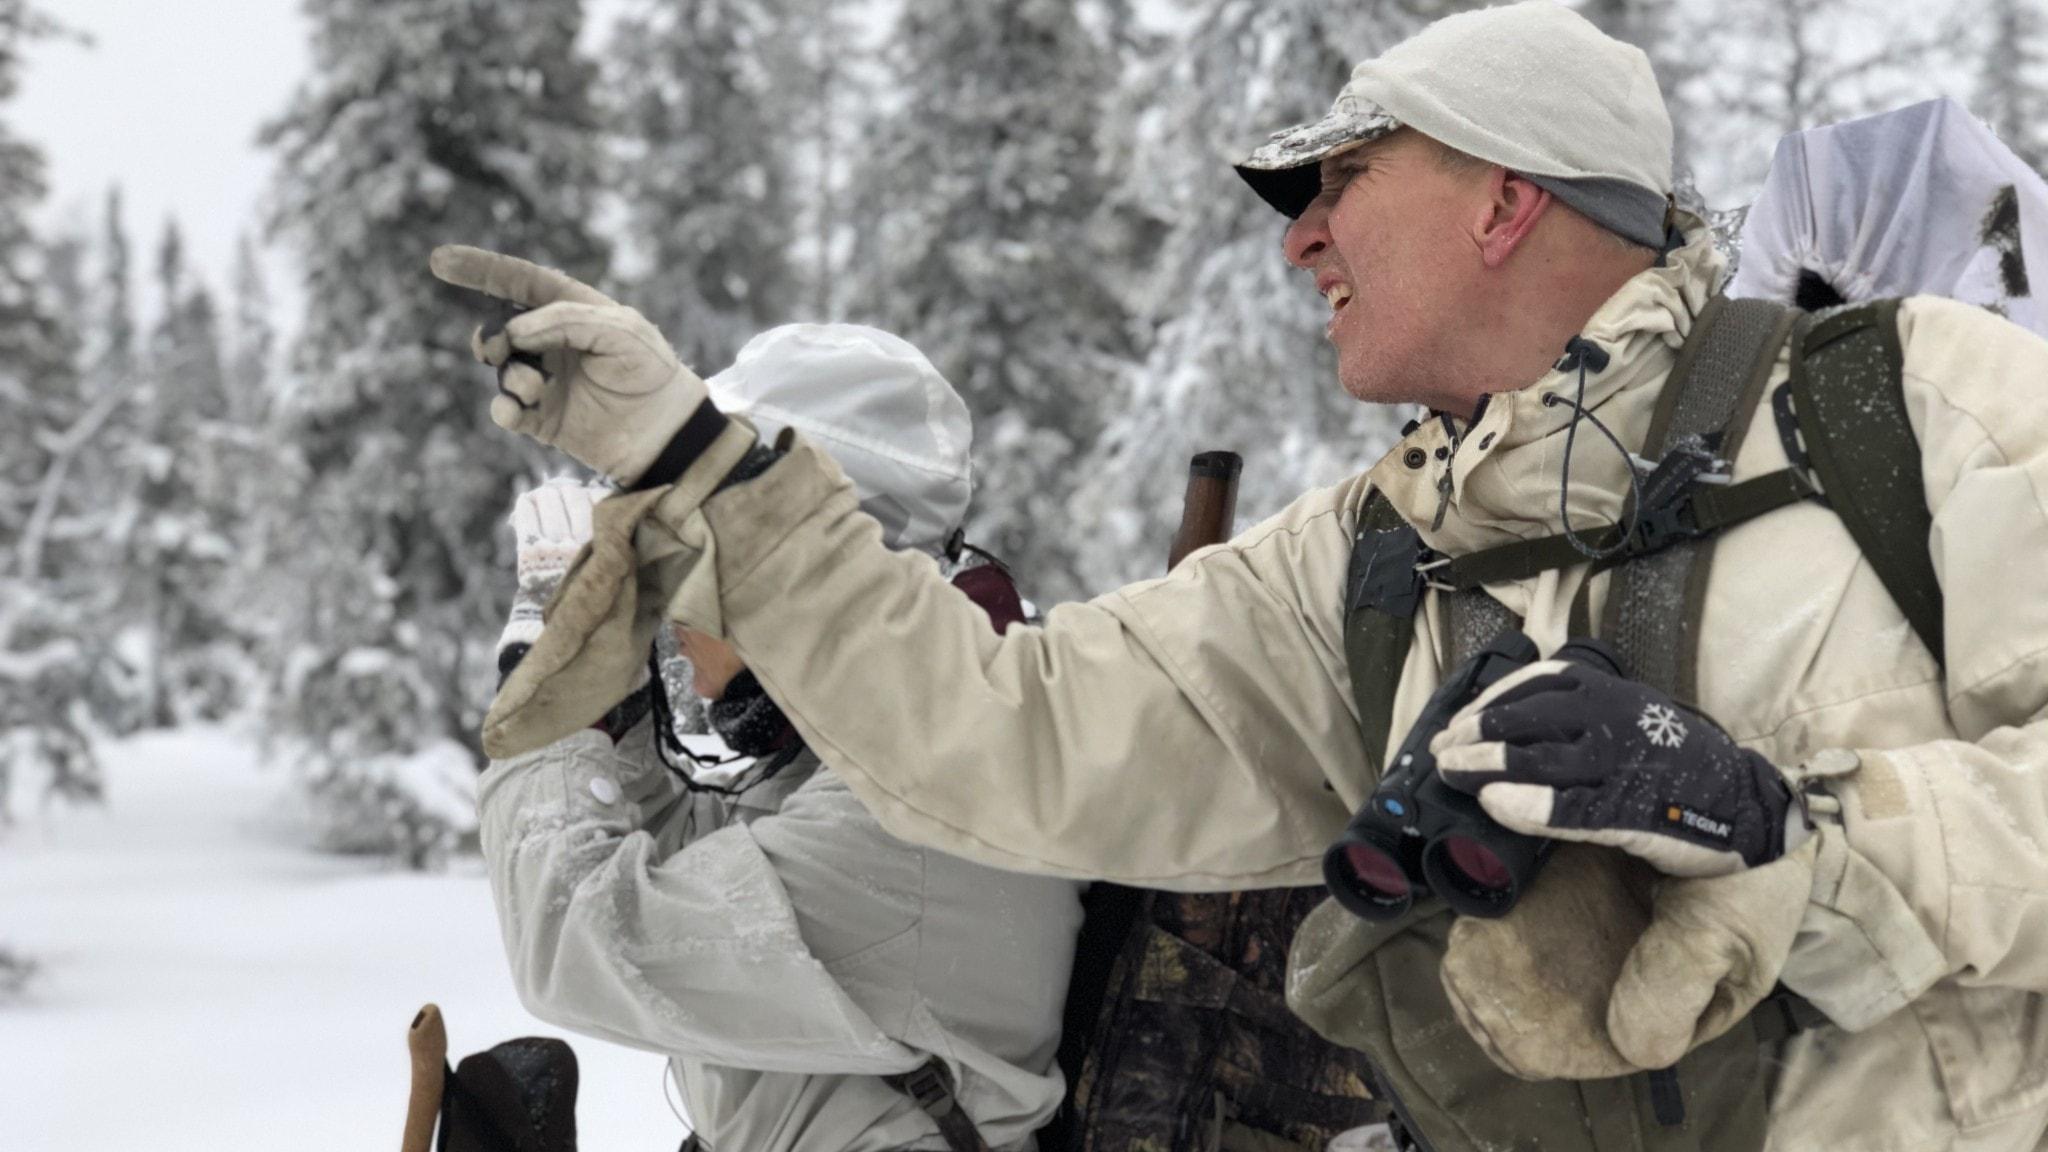 Jägarens val: Toppjakt – om att gå från vegetarian till jägare och fälla sitt första vilt